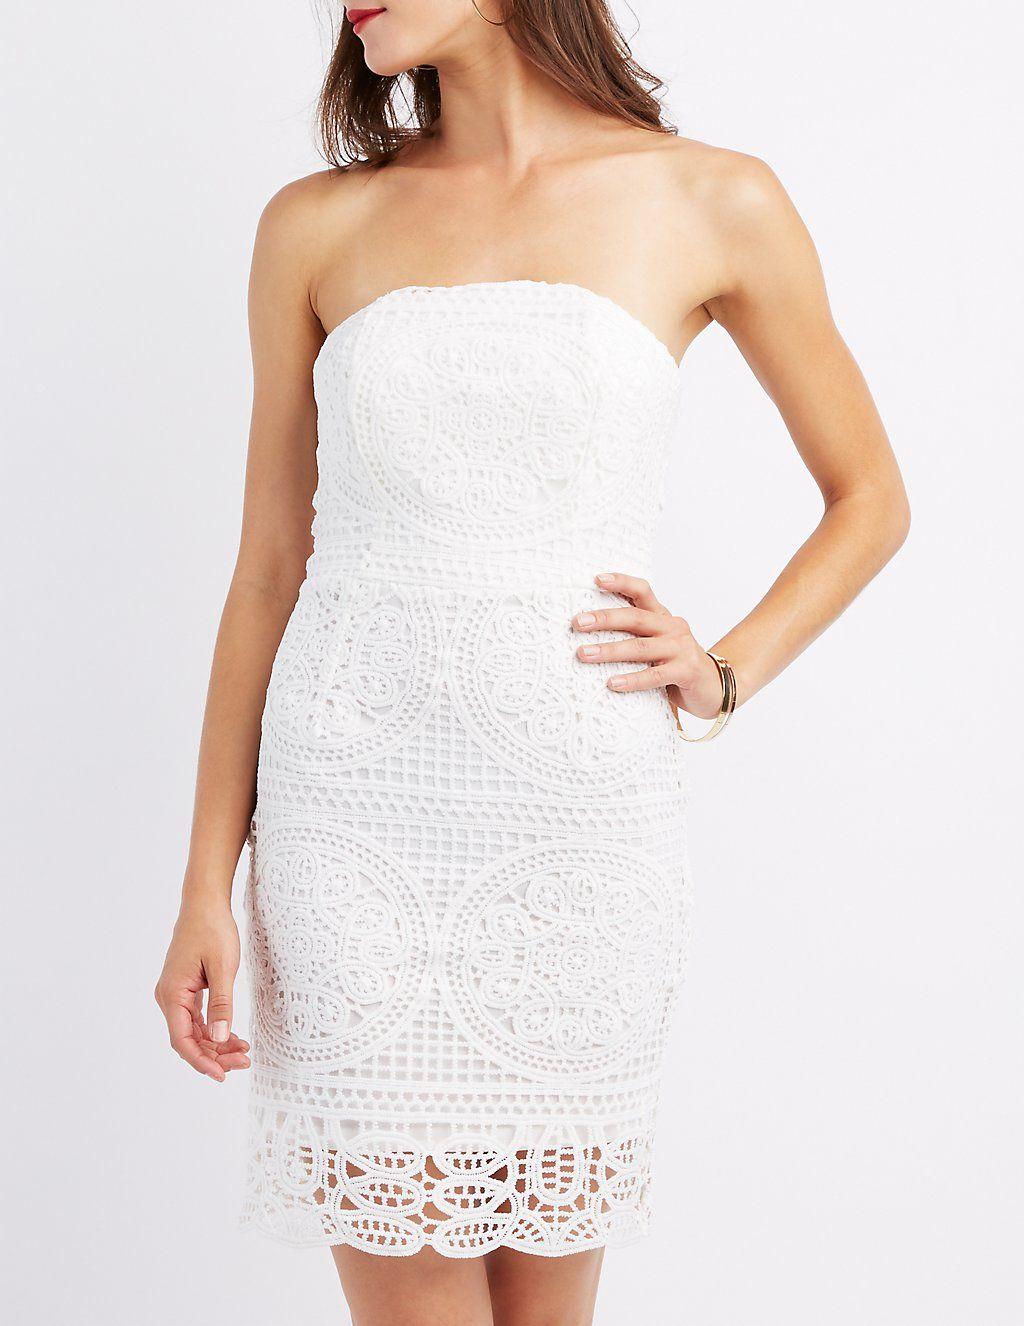 Crochet Strapless Bodycon Dress   Charlotte Russe   Dresses   Pinterest